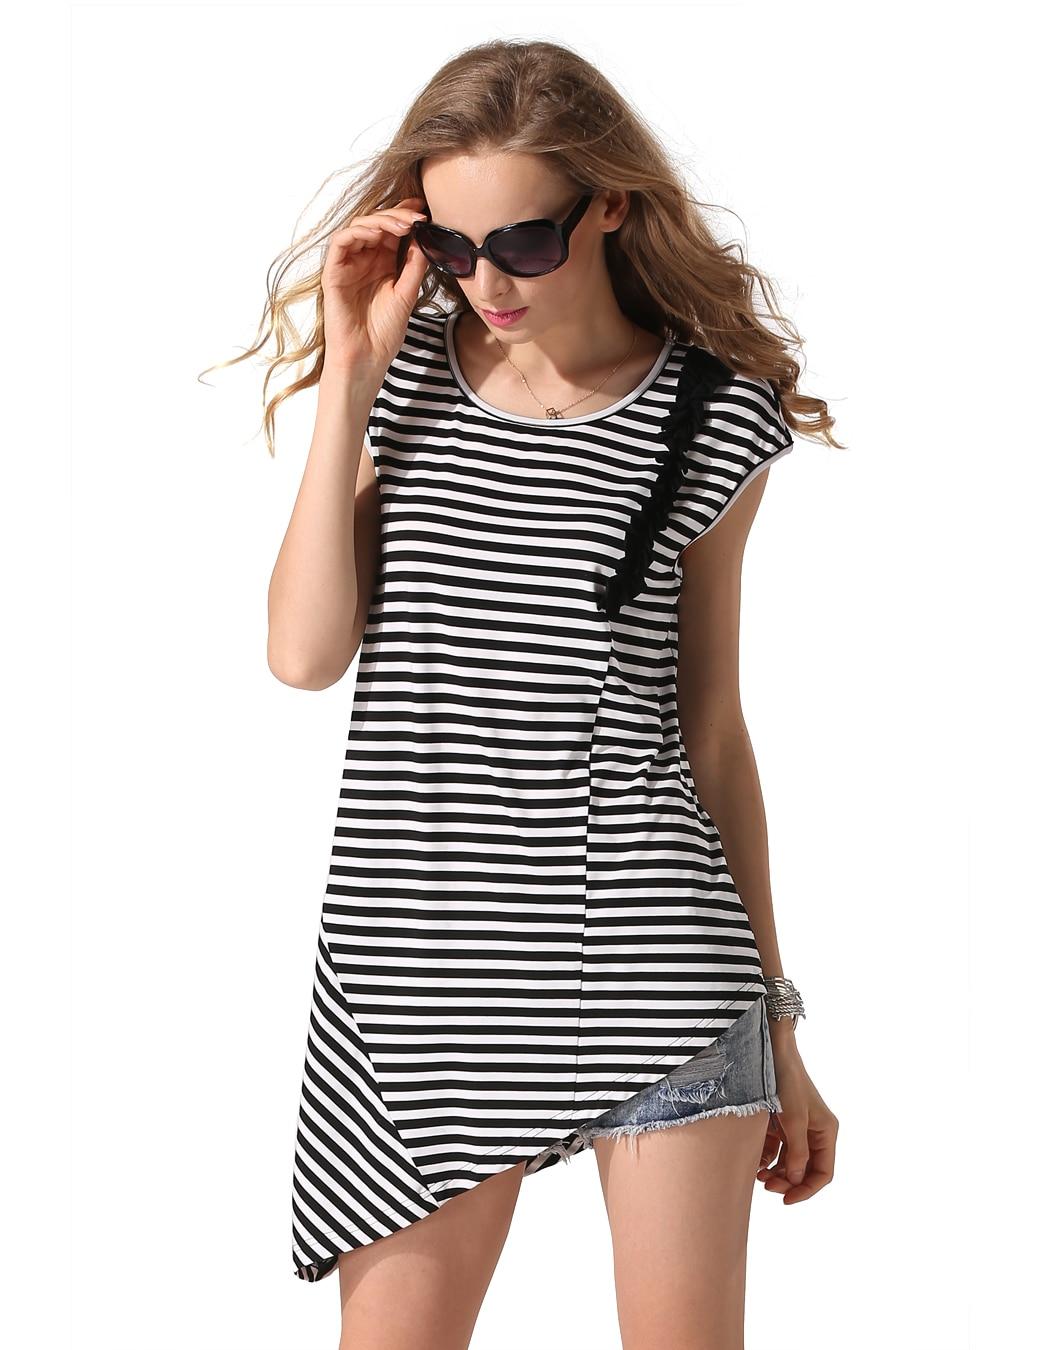 Finejo Для женщин дна рубашки модные женские без рукавов черный, белый цвет в полоску для отдыха свободные Повседневное Нерегулярные футболка ...